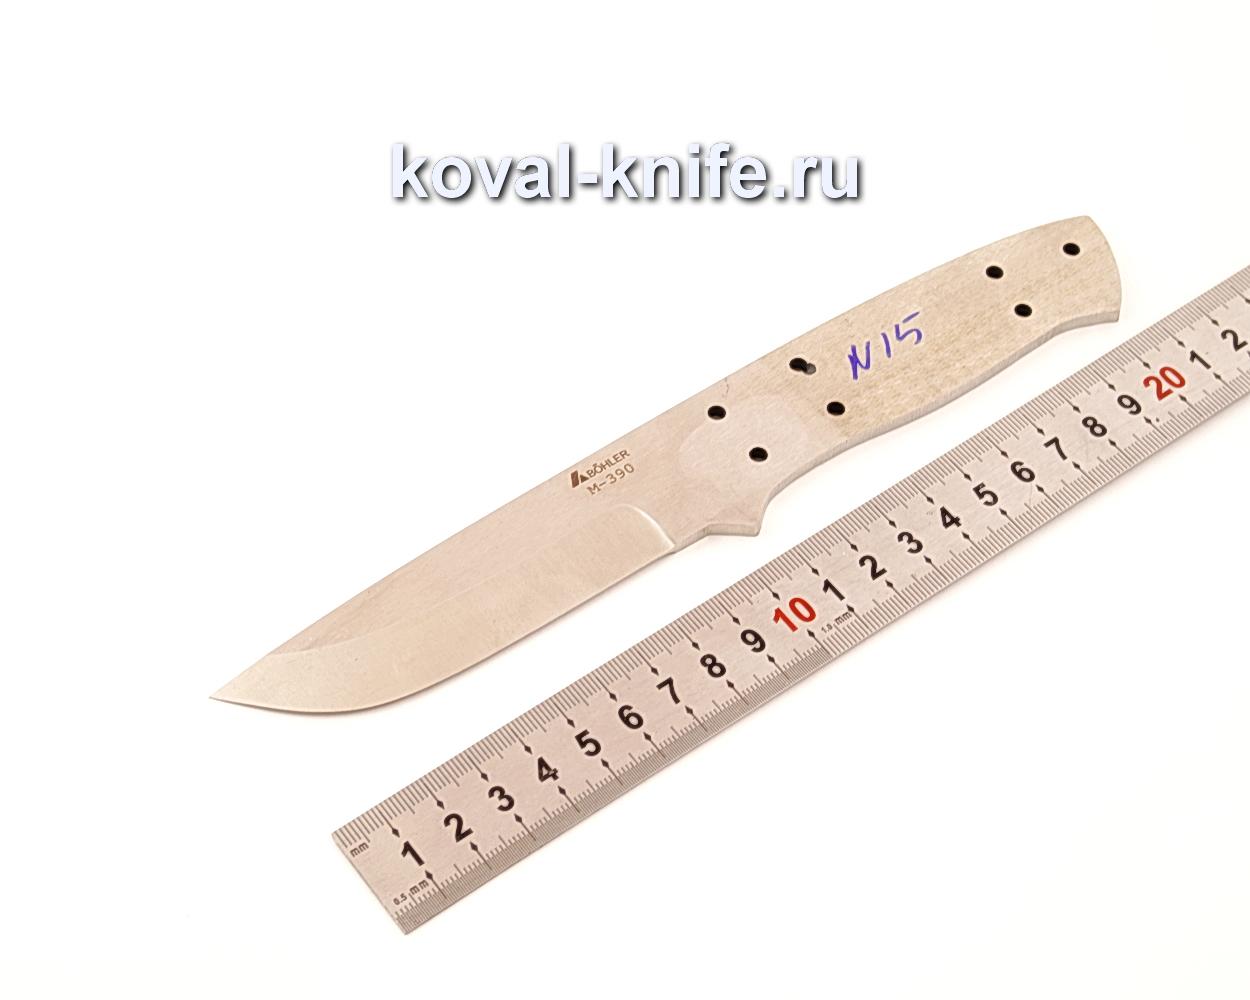 Клинок для ножа из порошковой стали Bohler M390 N15